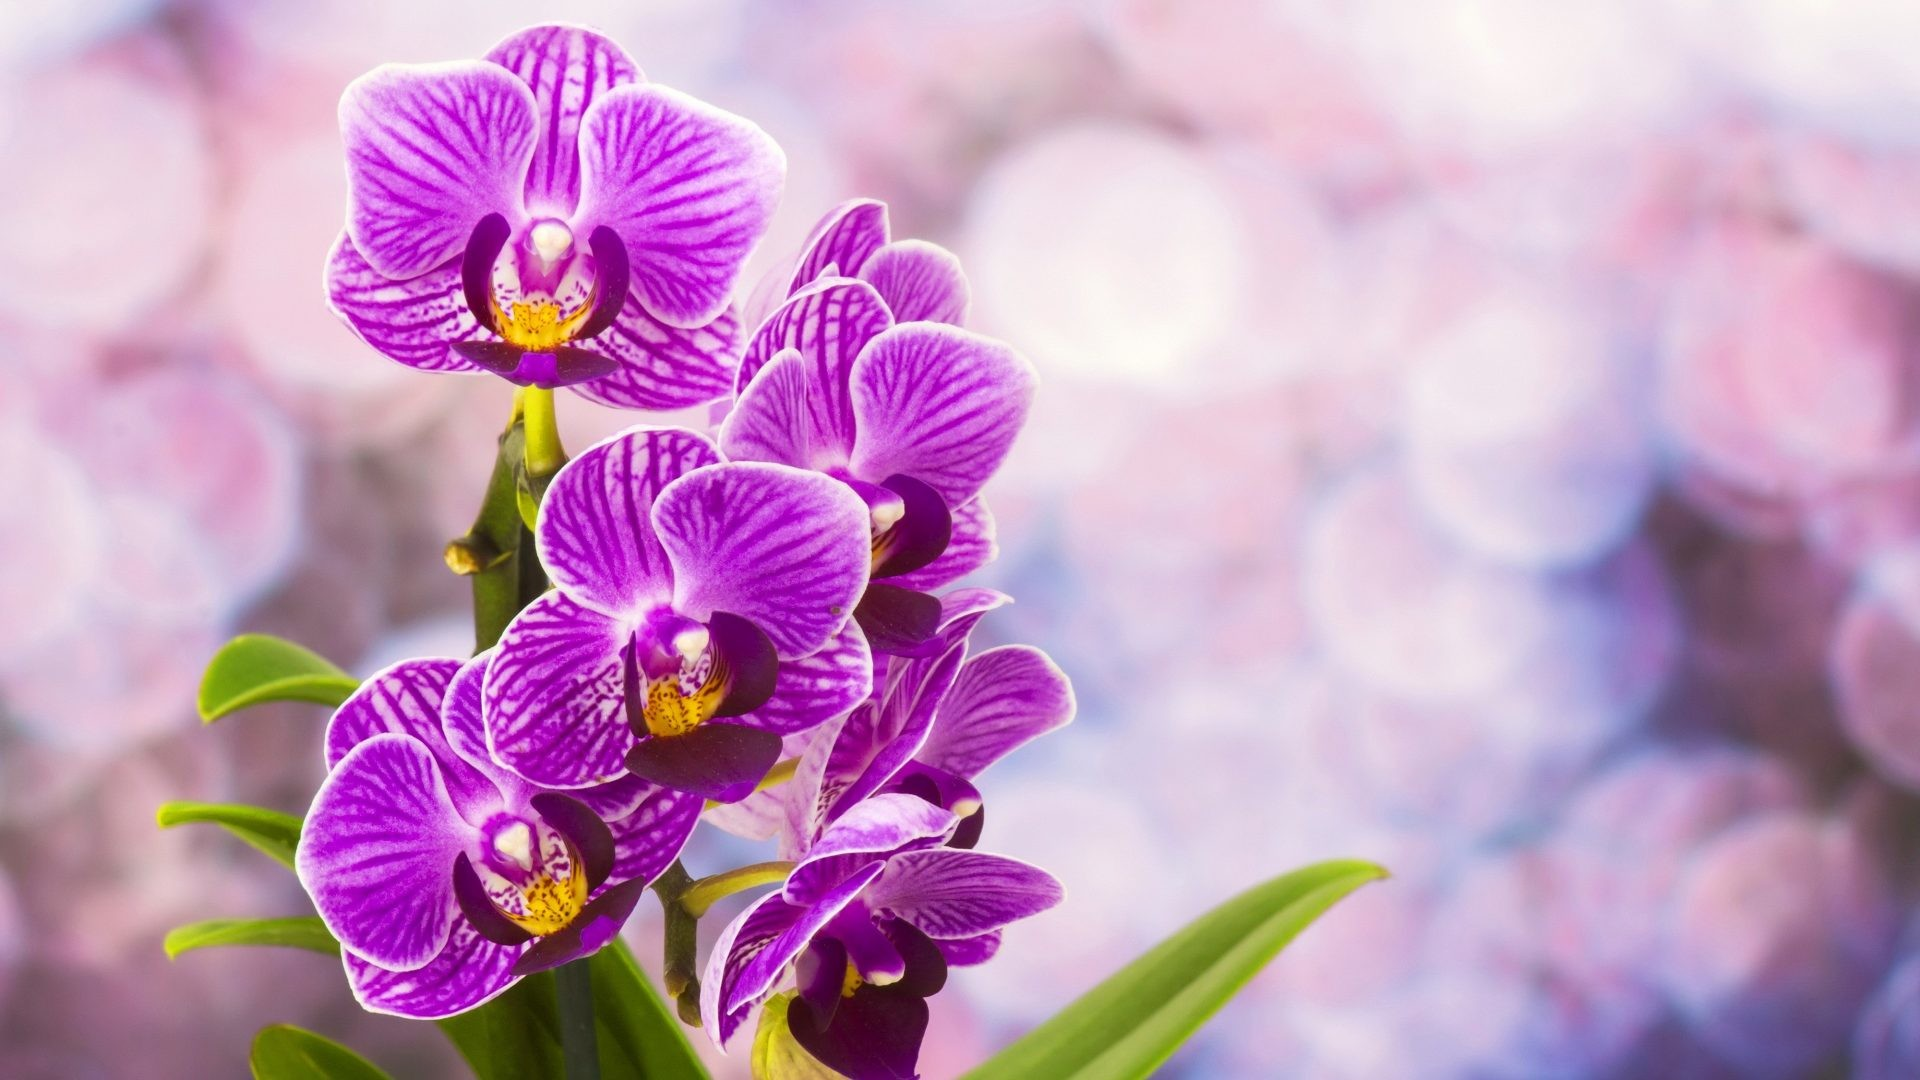 #882288 Color – Lovely Beautiful Pretty Purple Flowers Orchids Desktop  Wallpaper Flower Garden for HD